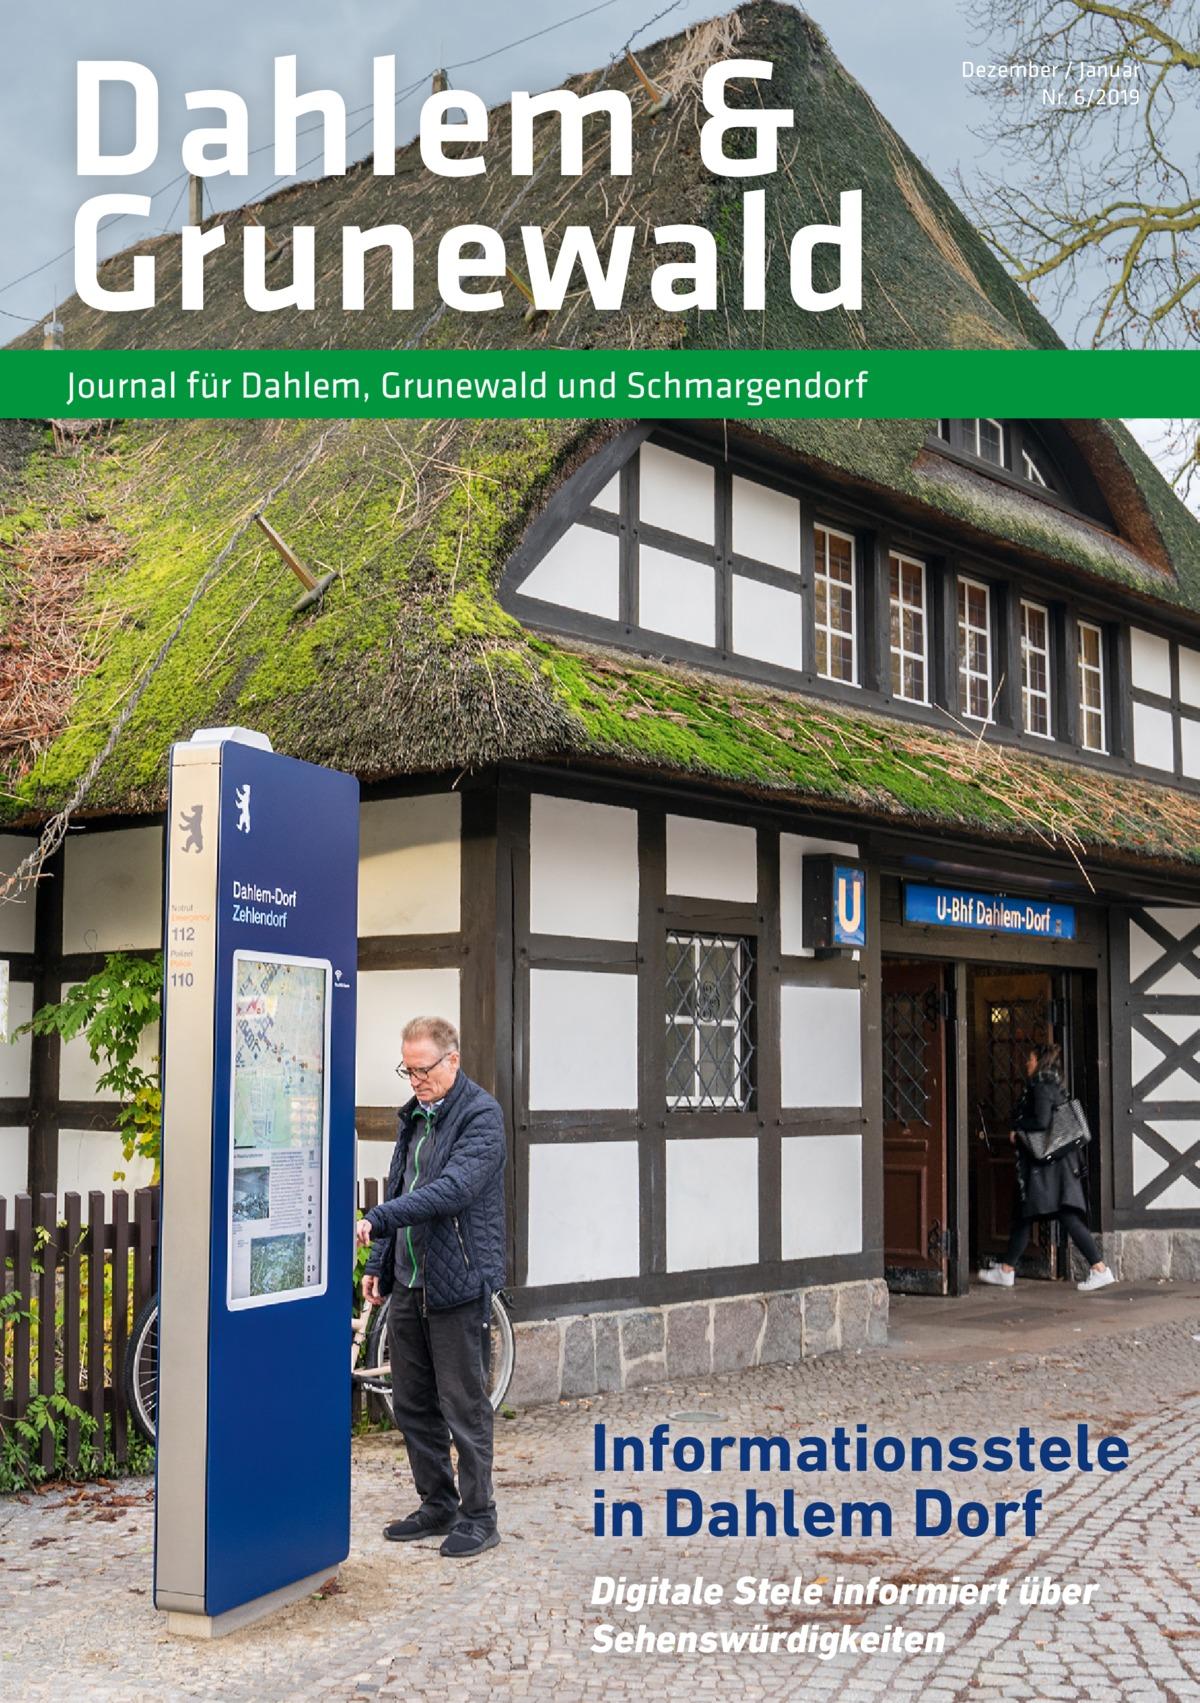 Dahlem & Grunewald  Dezember / Januar Nr. 6/2019  Journal für Dahlem, Grunewald und Schmargendorf  Informationsstele in Dahlem Dorf Digitale Stele informiert über Sehenswürdigkeiten